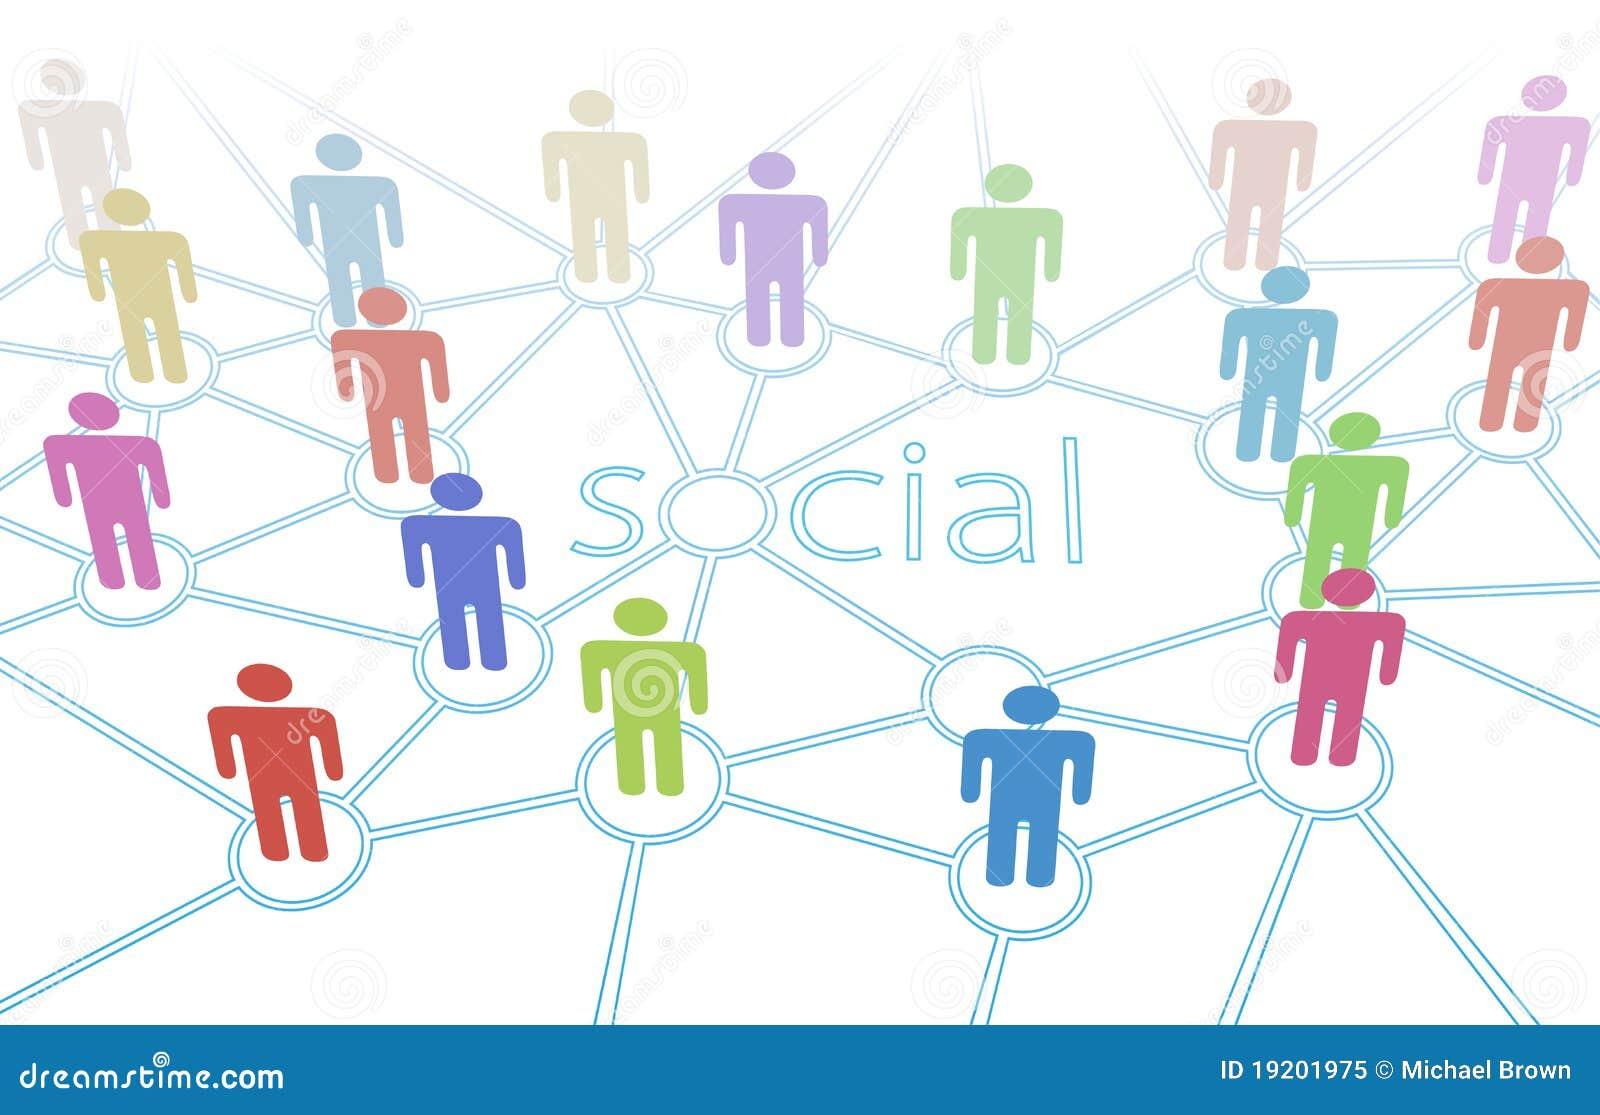 Conexiones sociales de los media de la gente del color de la red